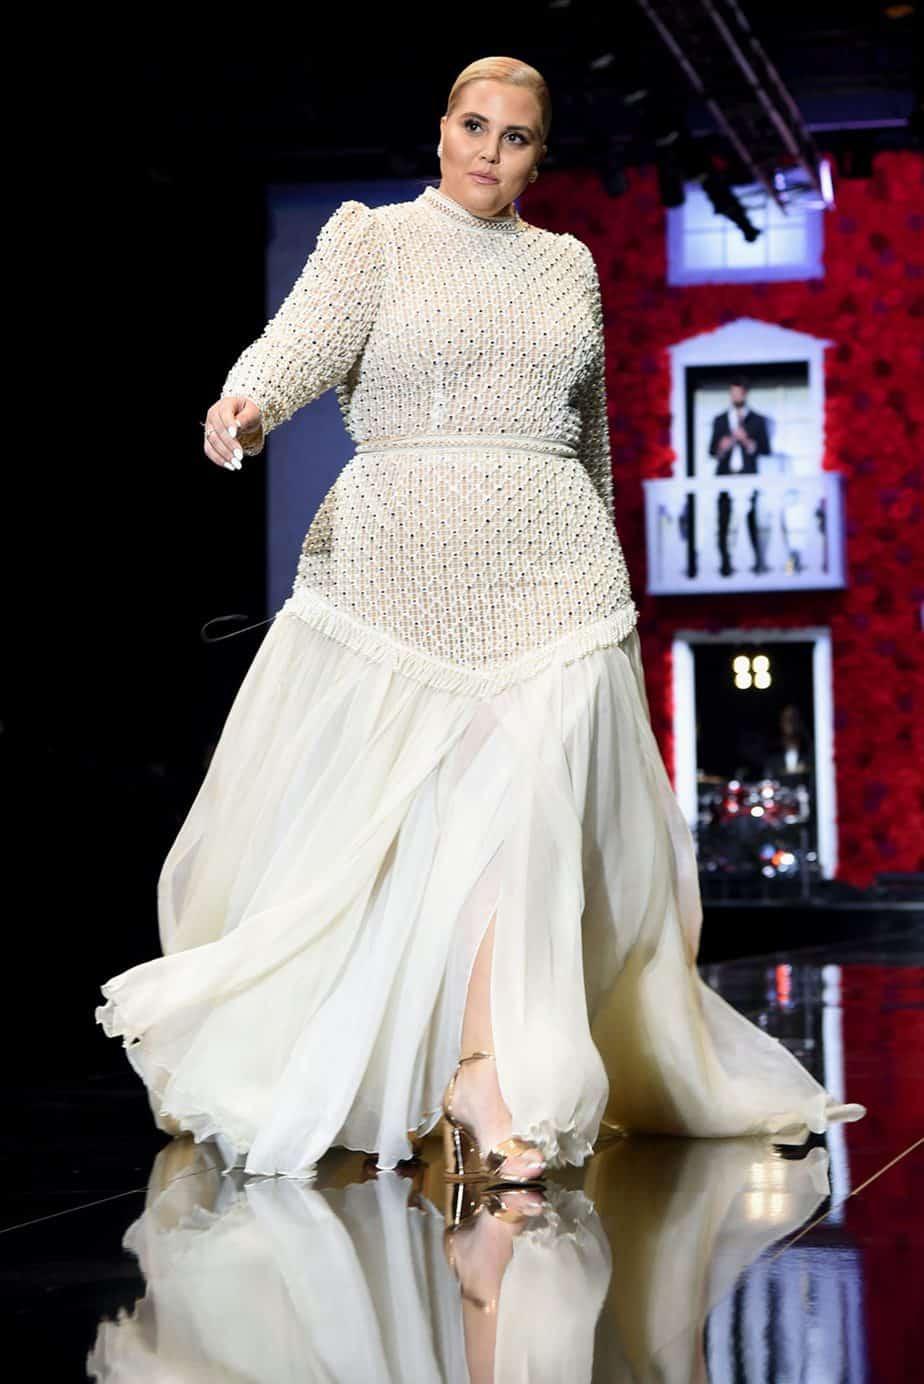 דרור קונטנטו שמלות כלה. שמחה גואטה. צילום: לימור יערי